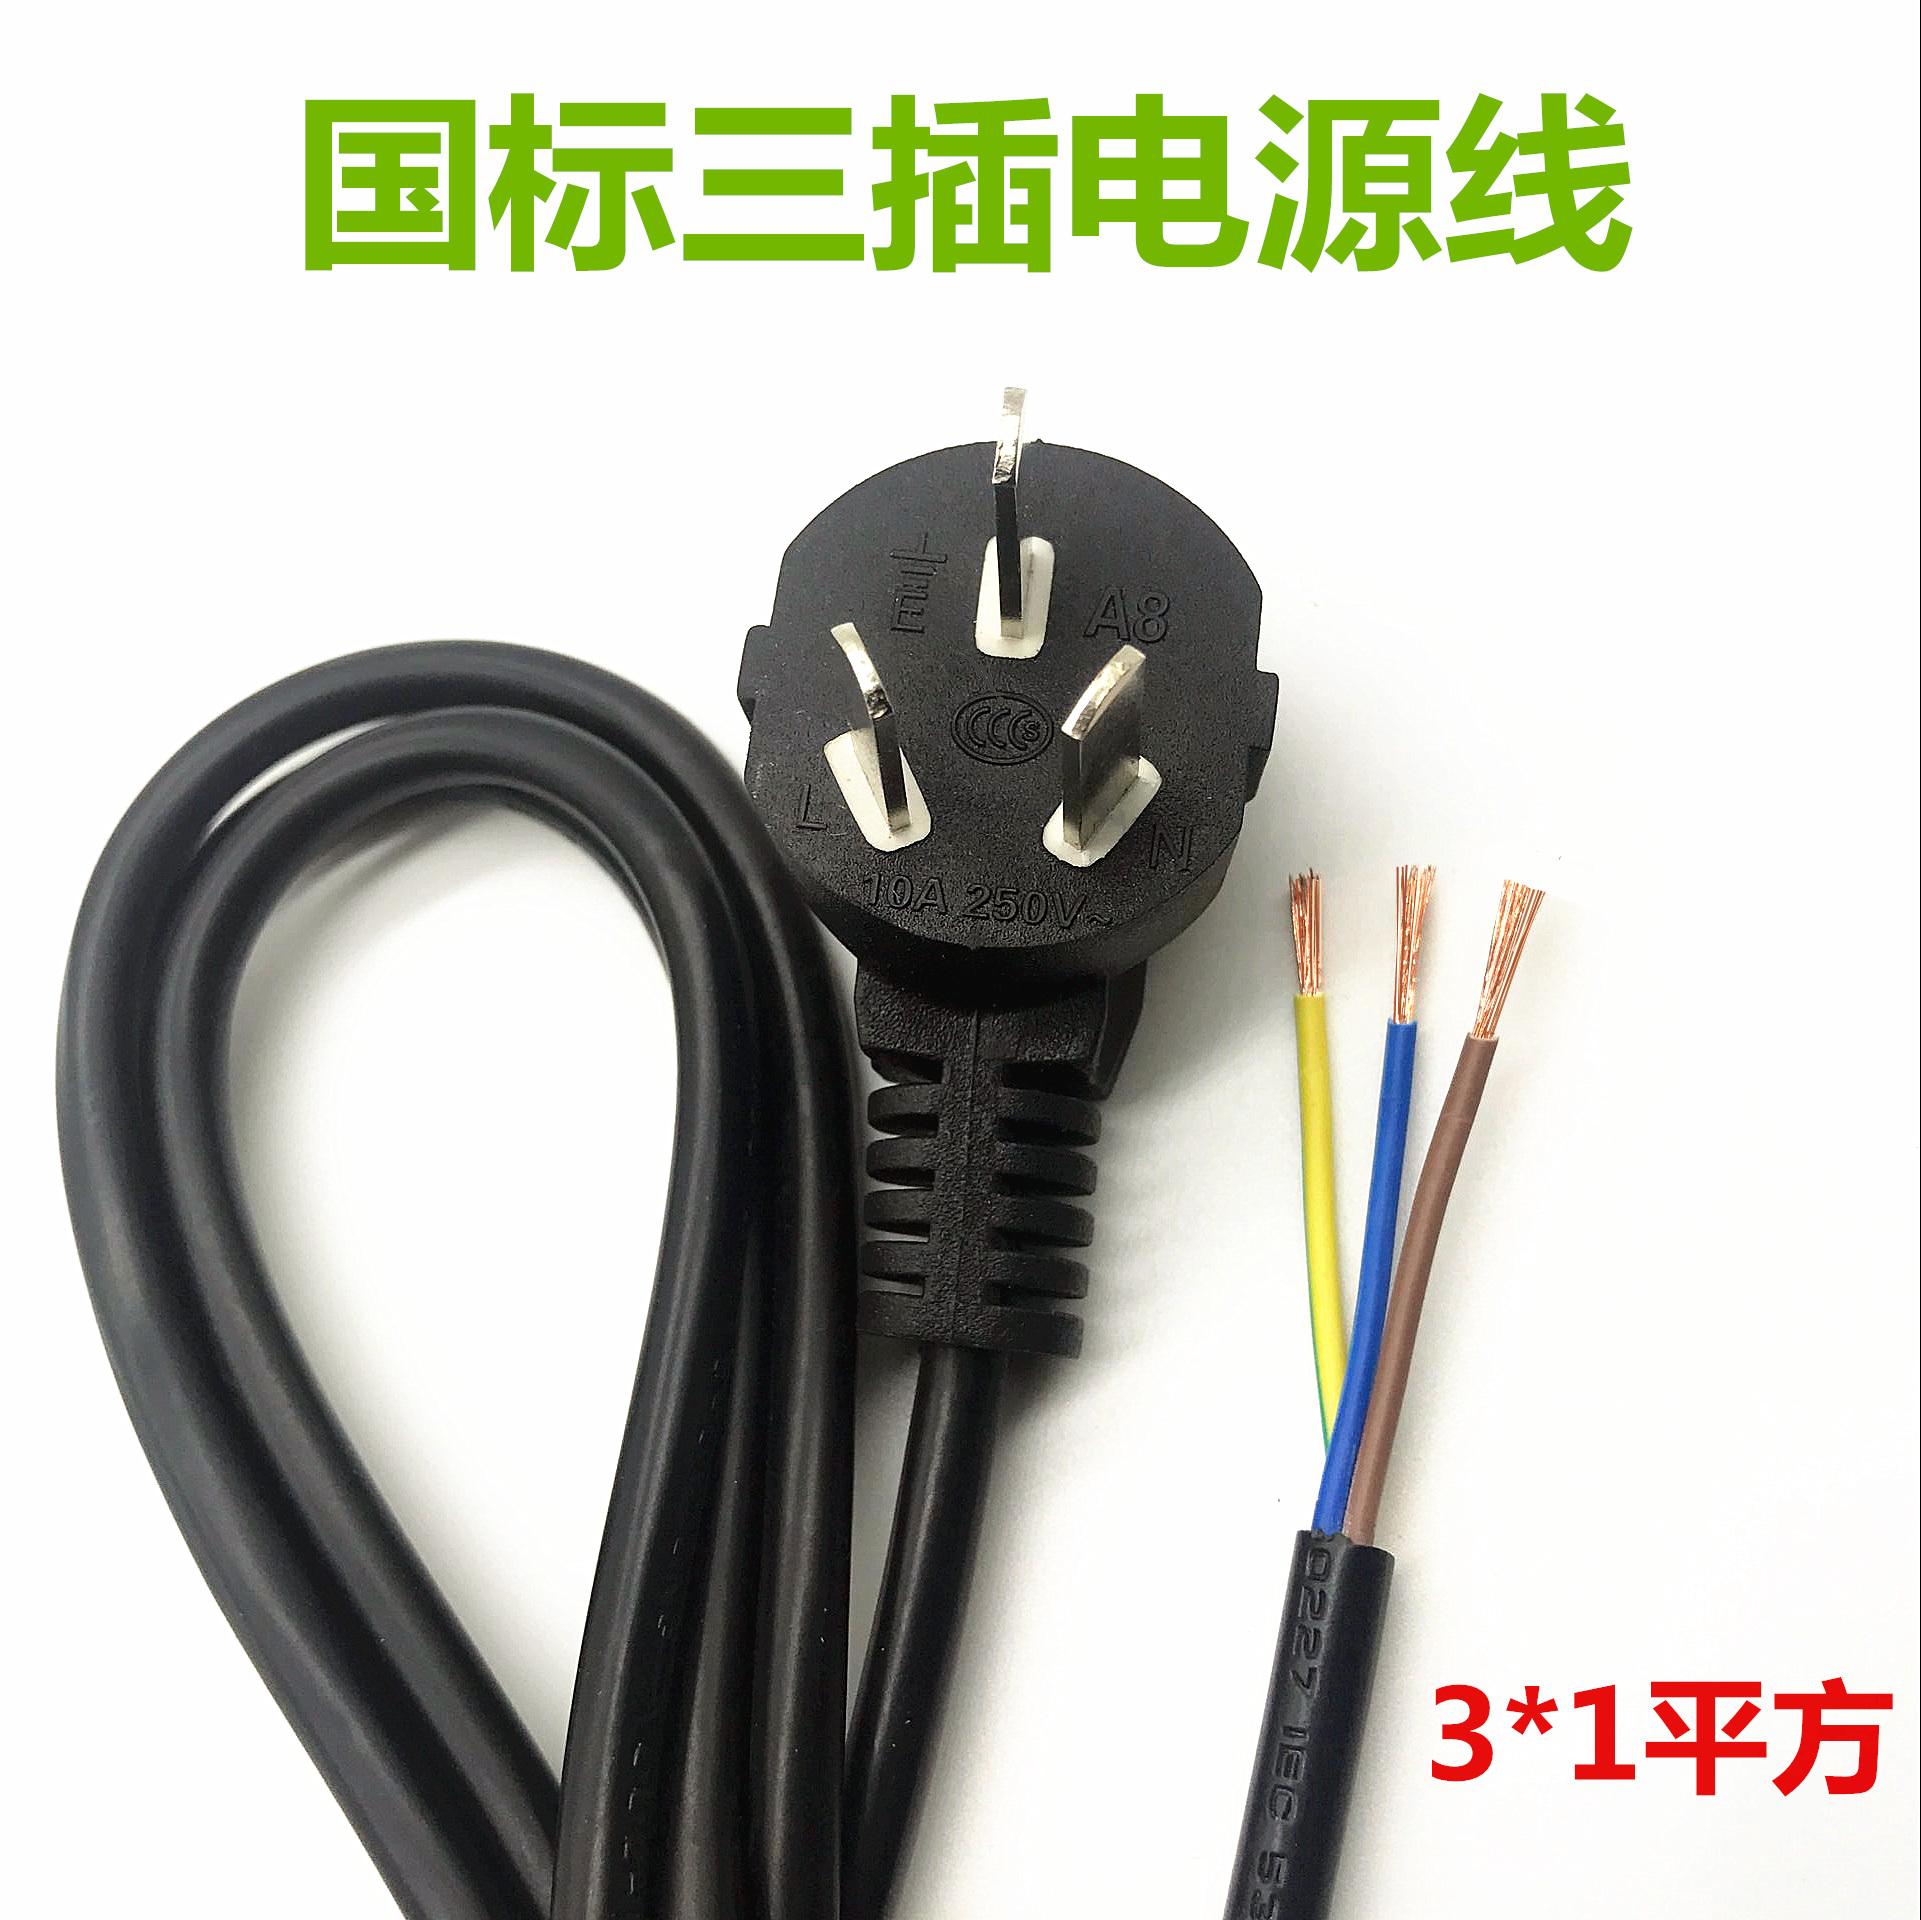 纯铜3*1带线插头电源线3芯插头线 电源延长线三插  三孔插头线